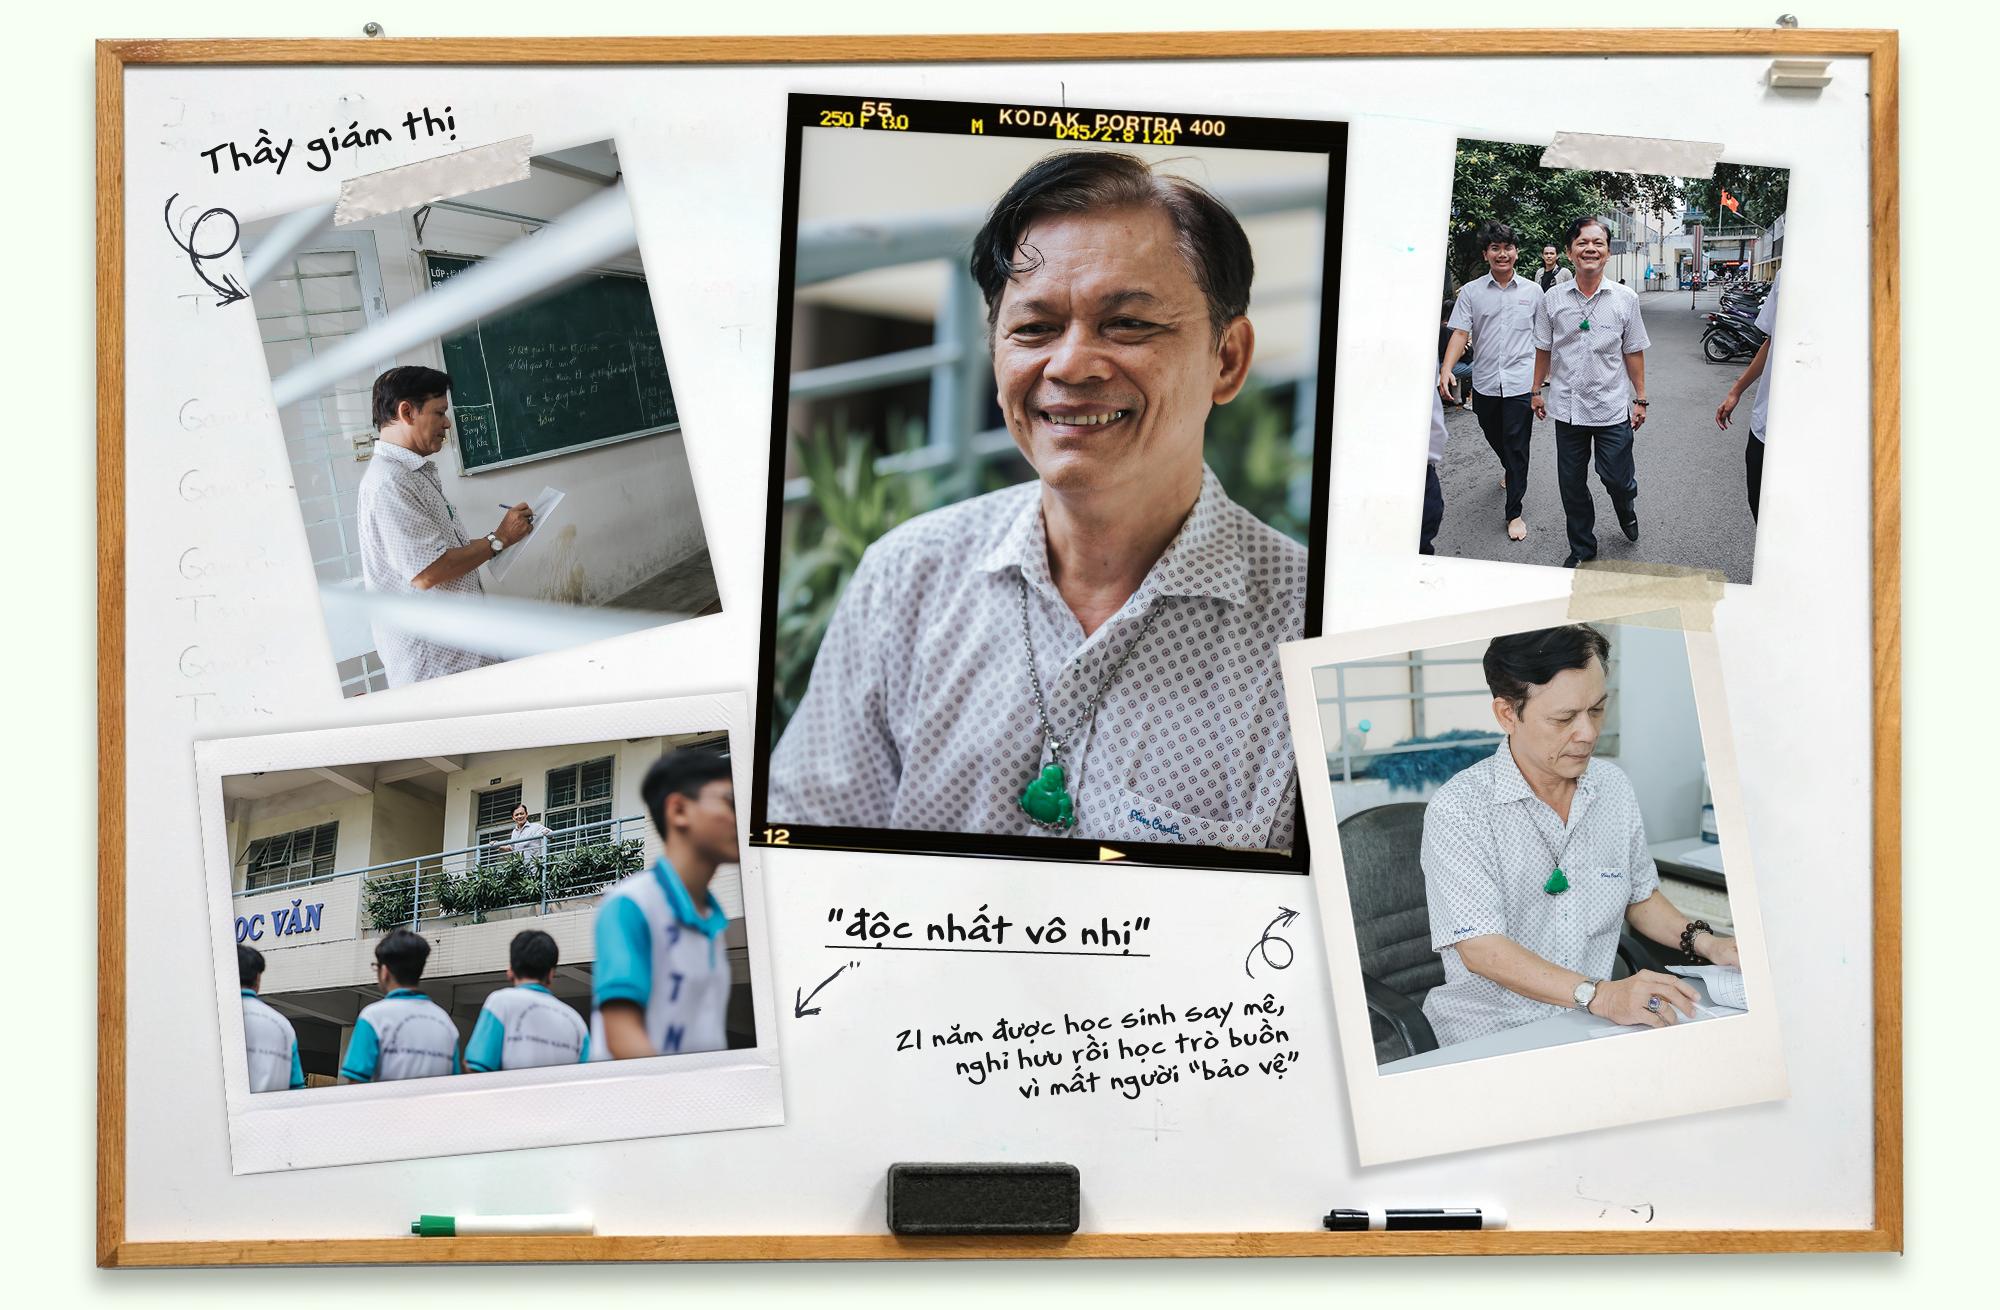 """Thầy giám thị """"độc nhất vô nhị"""" ở Sài Gòn, 21 năm được học sinh say mê, nghỉ hưu rồi học trò buồn vì mất người """"bảo vệ""""  - Ảnh 9."""